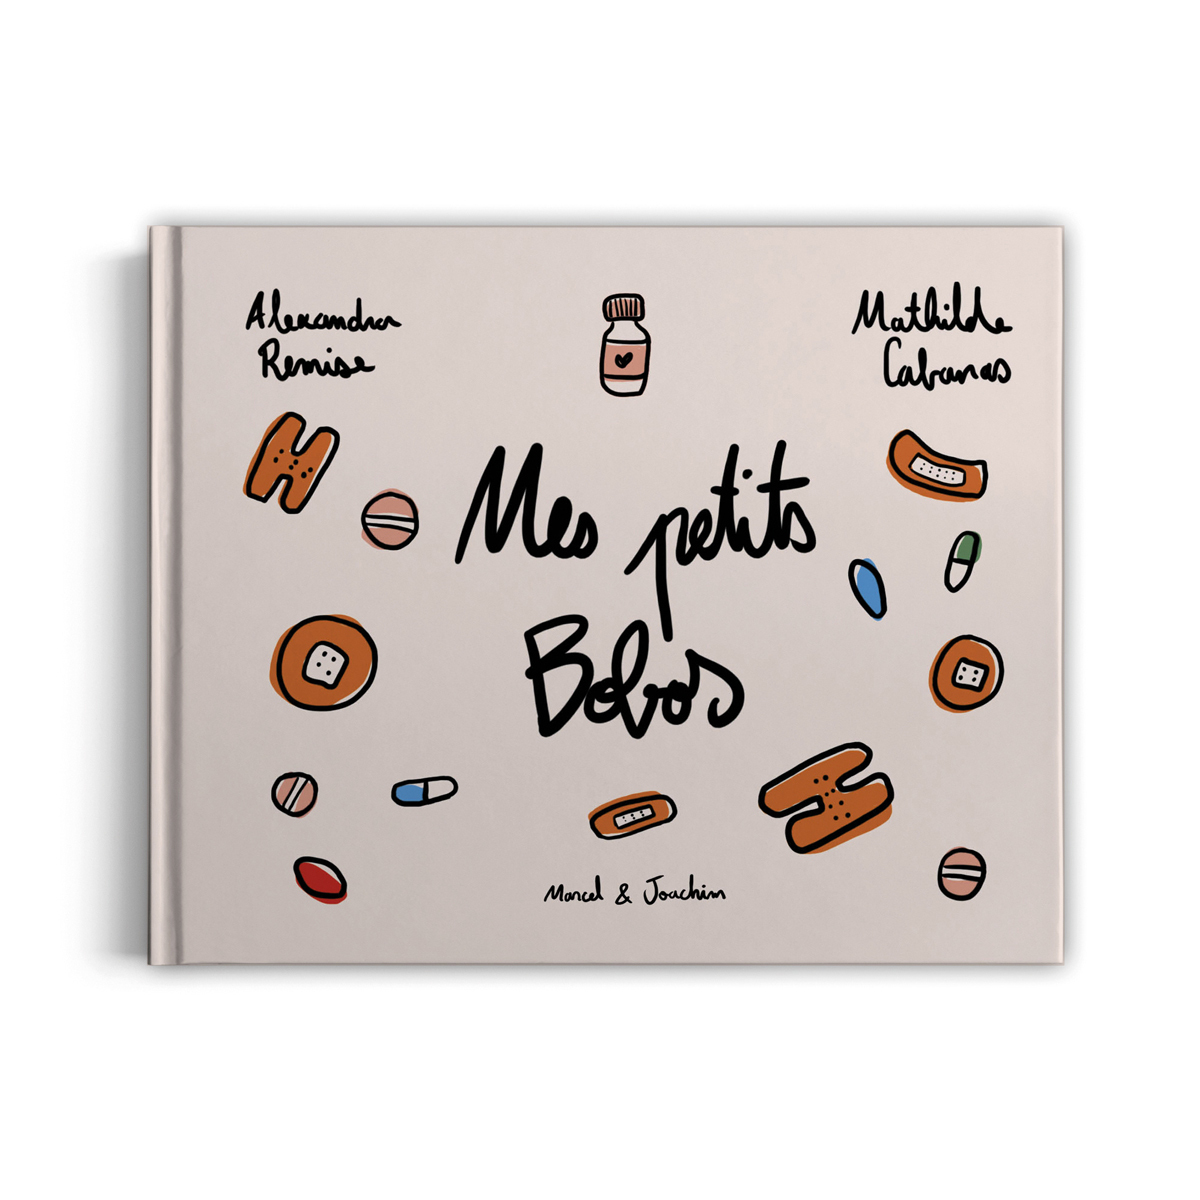 Livre & Carte Mes Petits Bobos par Alexandra Remise & Mathilde Cabanas Mes Petits Bobos par Alexandra Remise & Mathilde Cabanas